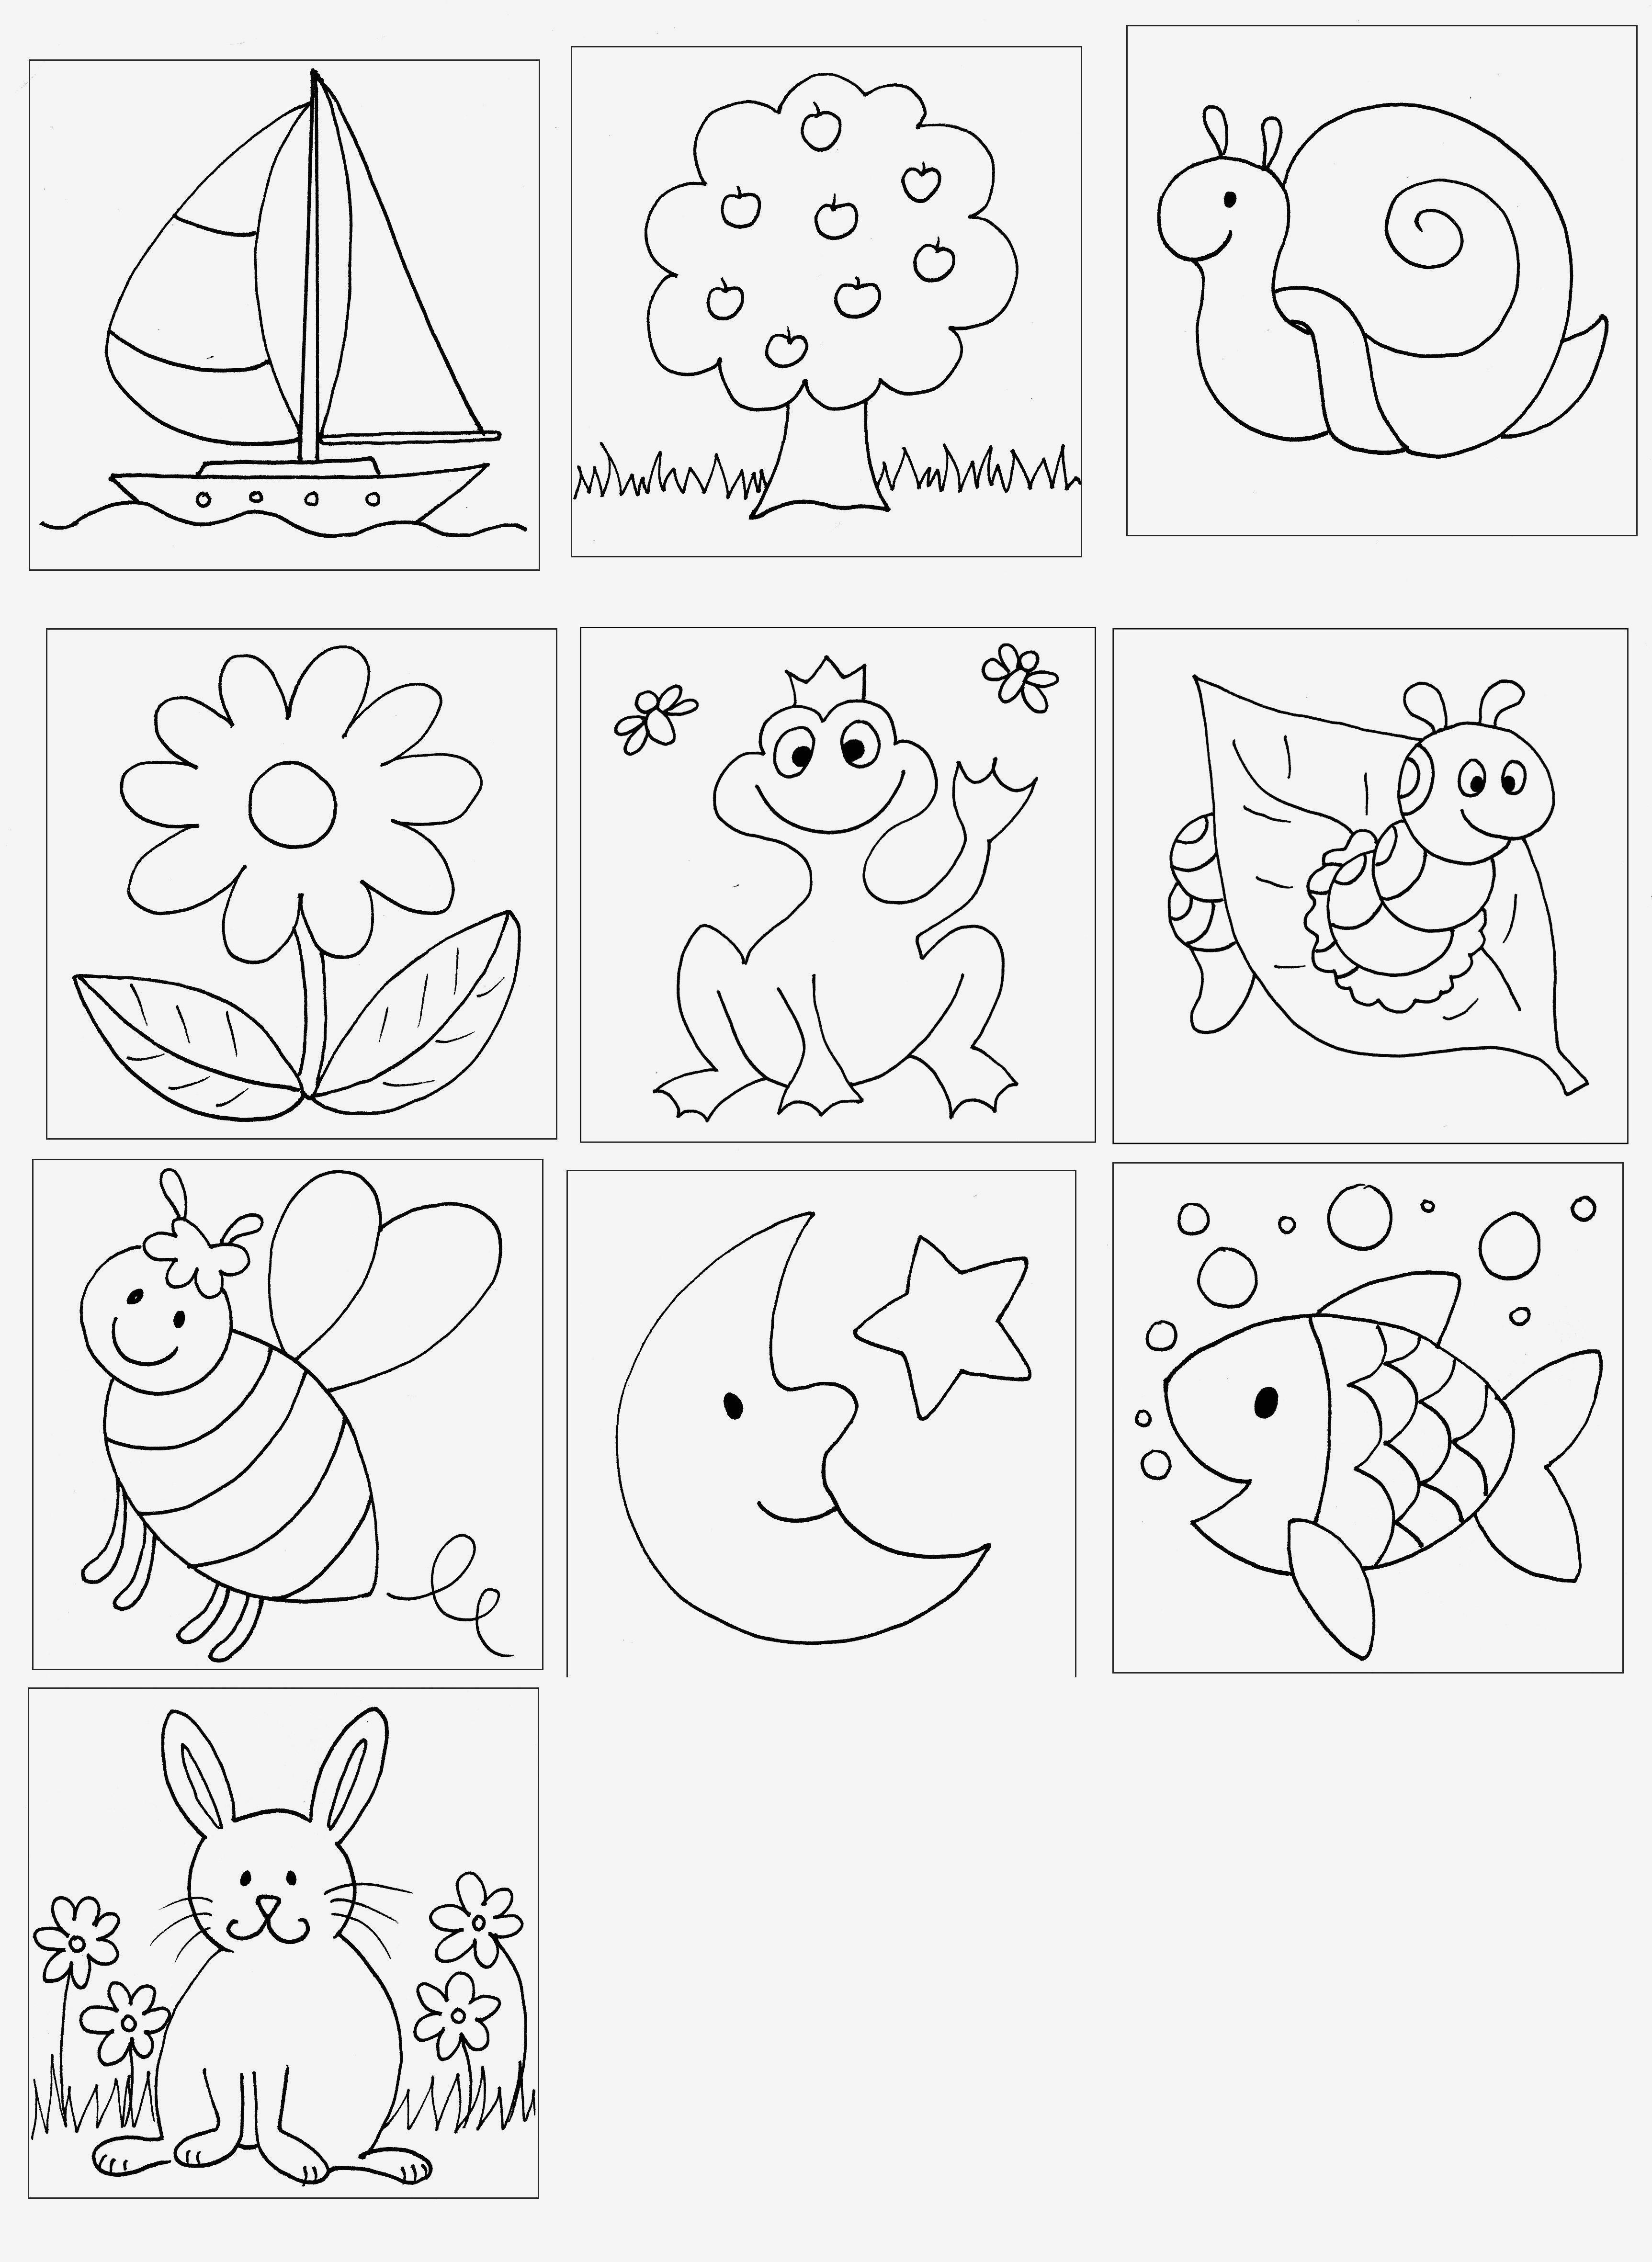 Ausmalbilder Katze Und Hund Genial Malvorlagen Katzen Und Hunde Beispielbilder Färben Hahn Malvorlagen Fotos